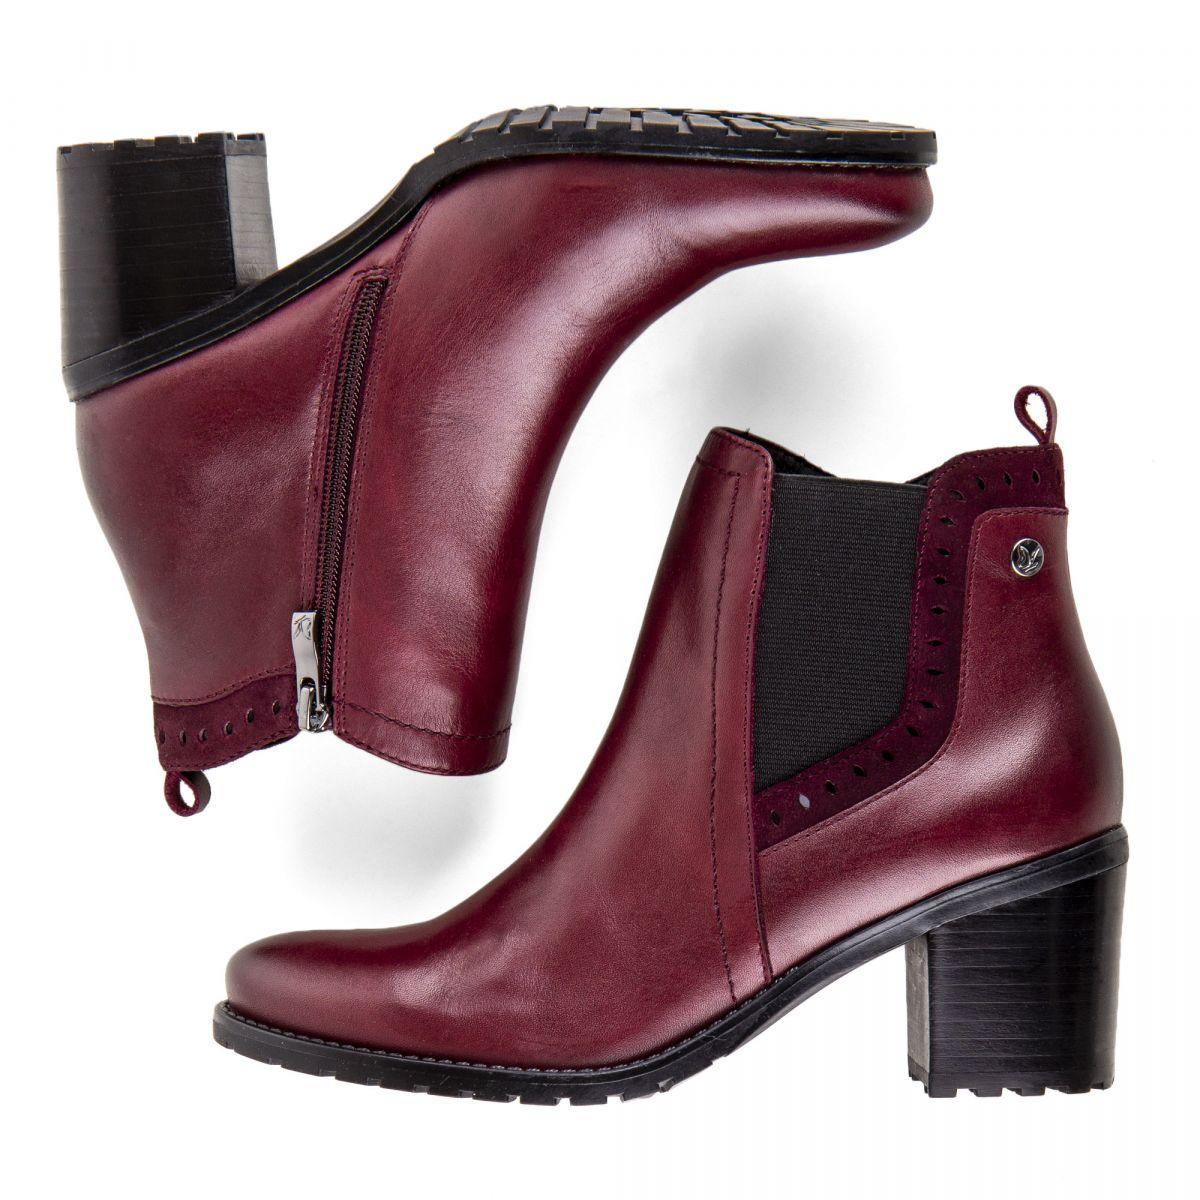 bf7bd1116621c6 Chaussures bottines bordeaux en cuir et daim onAir femme CAPRICE marque pas  cher prix dégriffés destockage ...